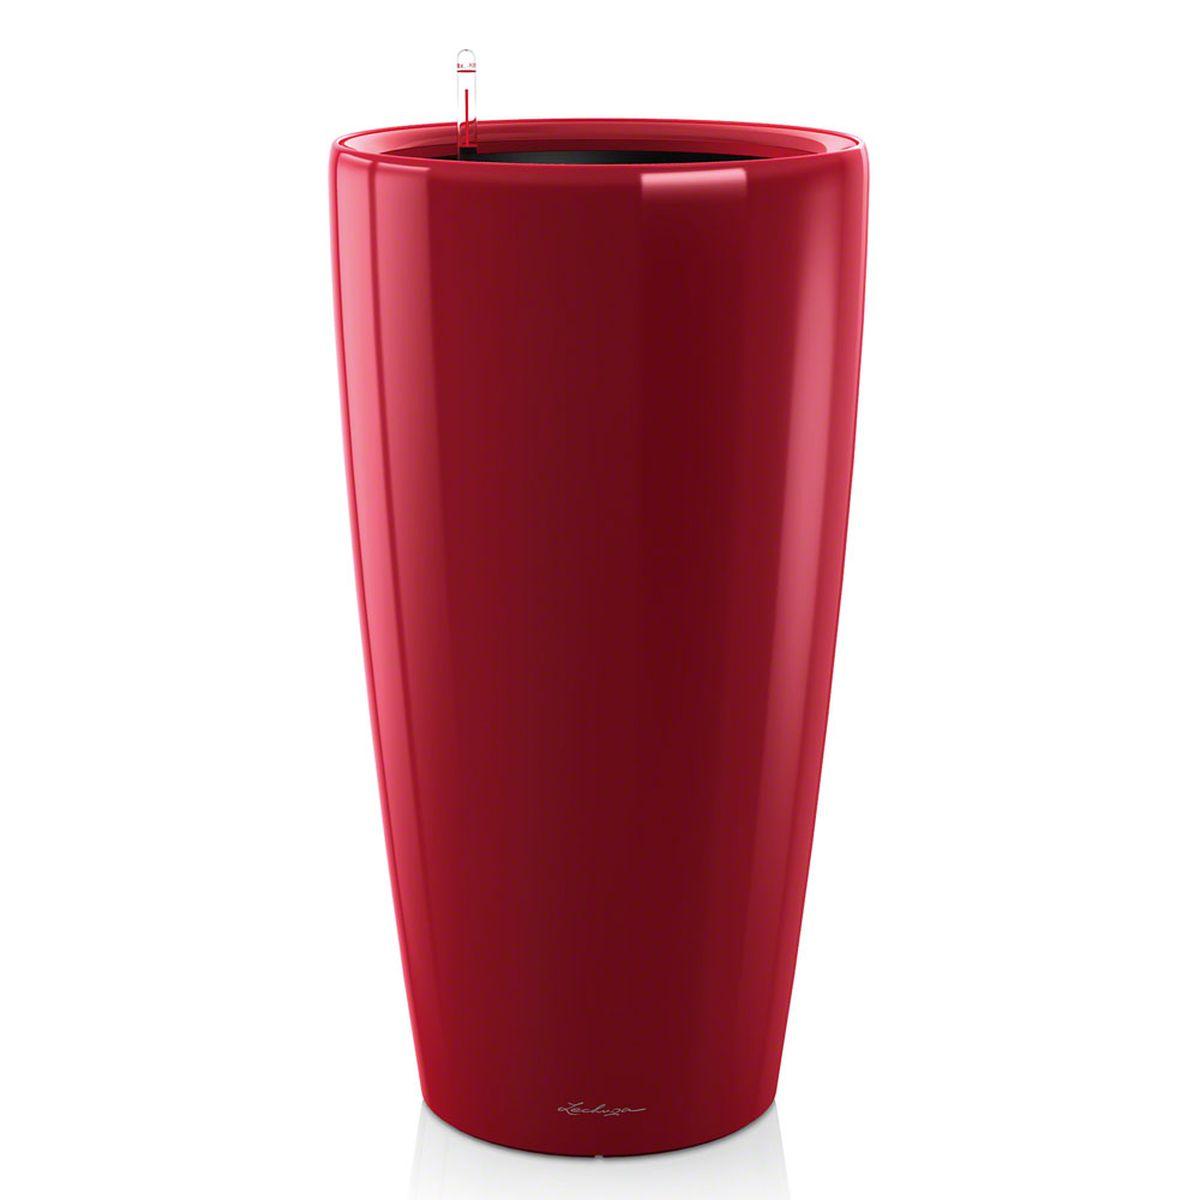 Кашпо Lechuza Rondo, с системой автополива, цвет: красный, диаметр 40 см15759Кашпо Lechuza Rondo, изготовленное из высококачественного пластика, идеальное решение для тех, кто регулярно забывает поливать комнатные растения. Стильный дизайн позволит украсить растениями офис, кафе или любое другое помещение. Кашпо Lechuza Rondo с системой автополива упростит уход за вашими цветами и поможет растениям получать то количество влаги, которое им необходимо в данный момент времени.В набор входит: кашпо, внутренний горшок, индикатор уровня воды, вал подачи воды, субстрат растений в качестве дренажного слоя, резервуар для воды.Внутренний горшок, оснащенный выдвижными ручками, обеспечивает:- легкую переноску даже высоких растений;- легкую смену растений;- можно также просто убрать растения на зиму;- винт в днище позволяет стечь излишней дождевой воде наружу.Кашпо Lechuza Rondo украсит любой интерьер и станет замечательным подарком для ваших родных и близких.